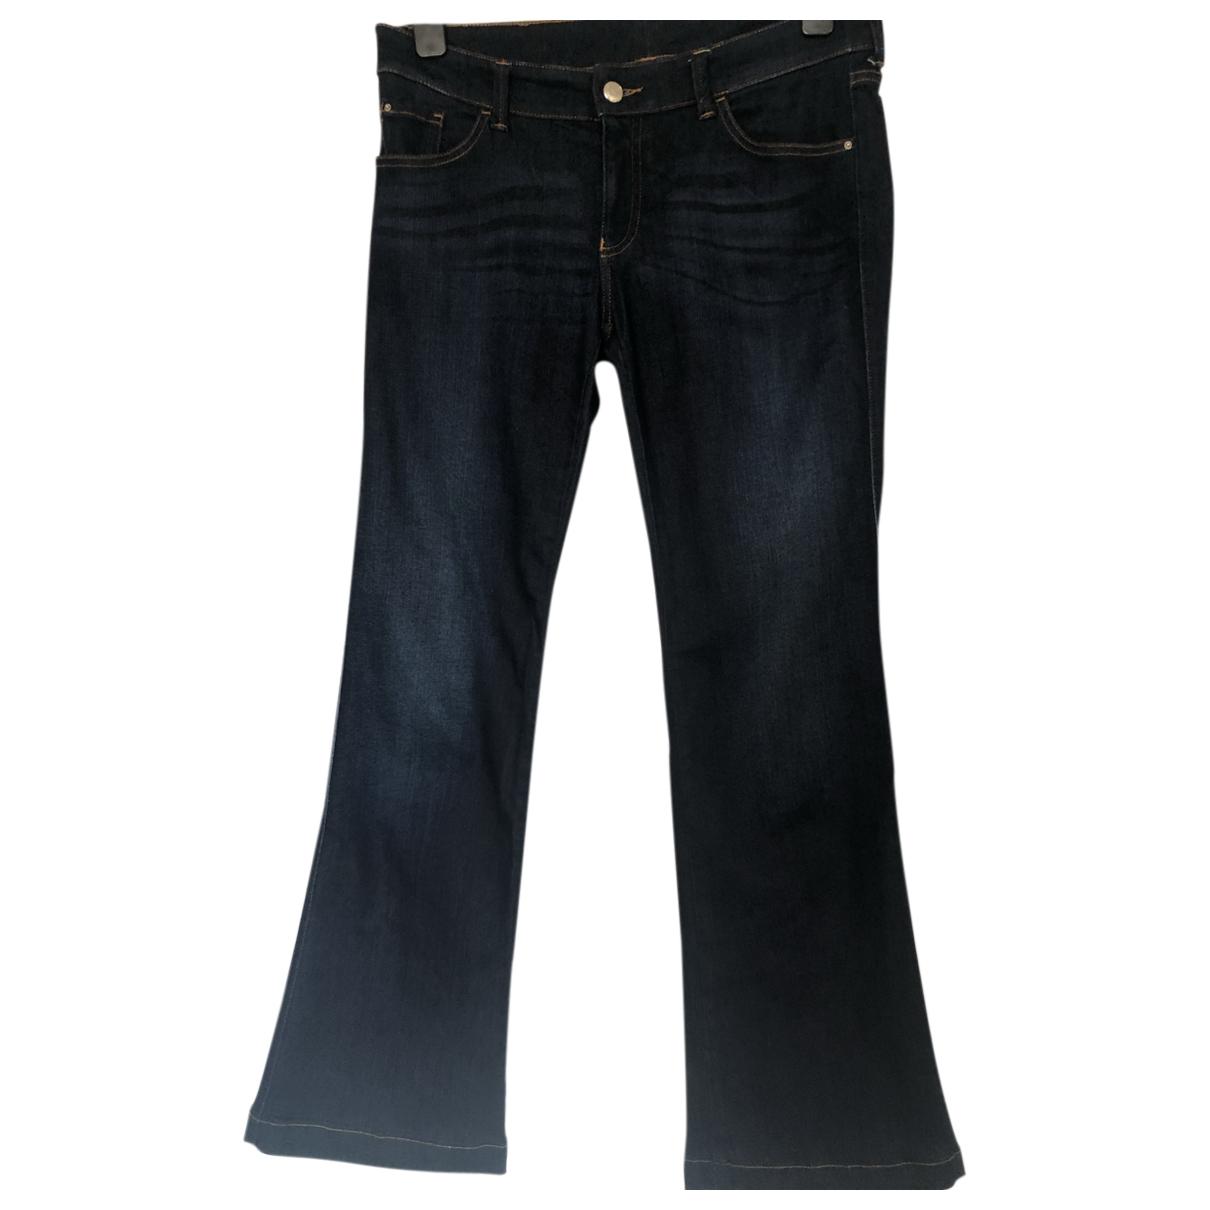 Emporio Armani N Blue Cotton - elasthane Jeans for Women 28 US